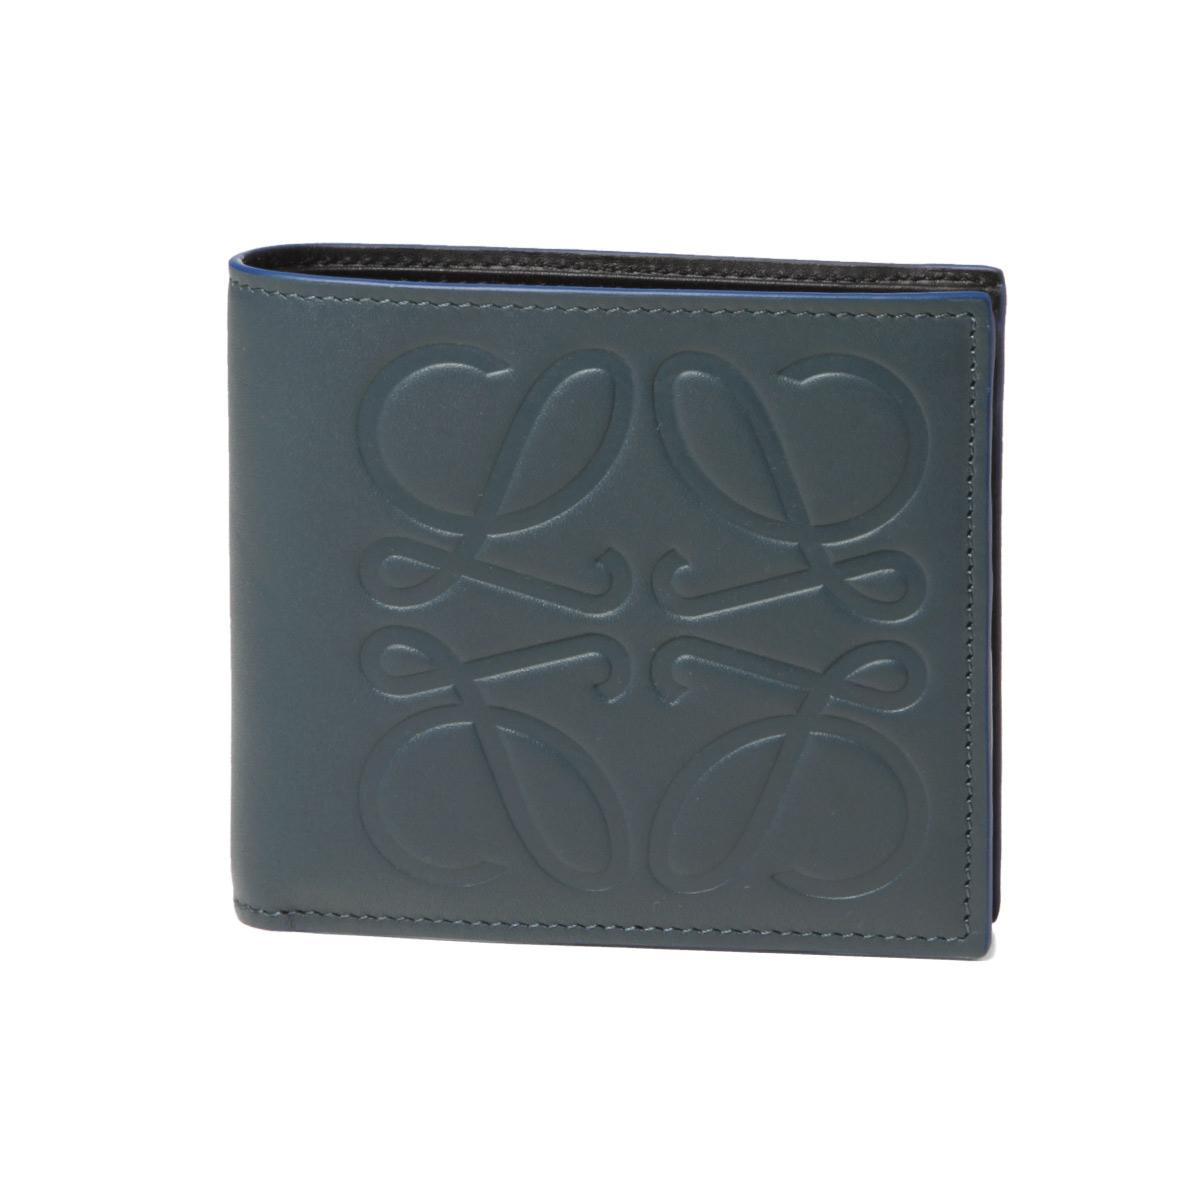 ロエベ LOEWE 財布 メンズ 106 54A501 2090 6490 二つ折り財布 STEEL BLUE ダークブルー